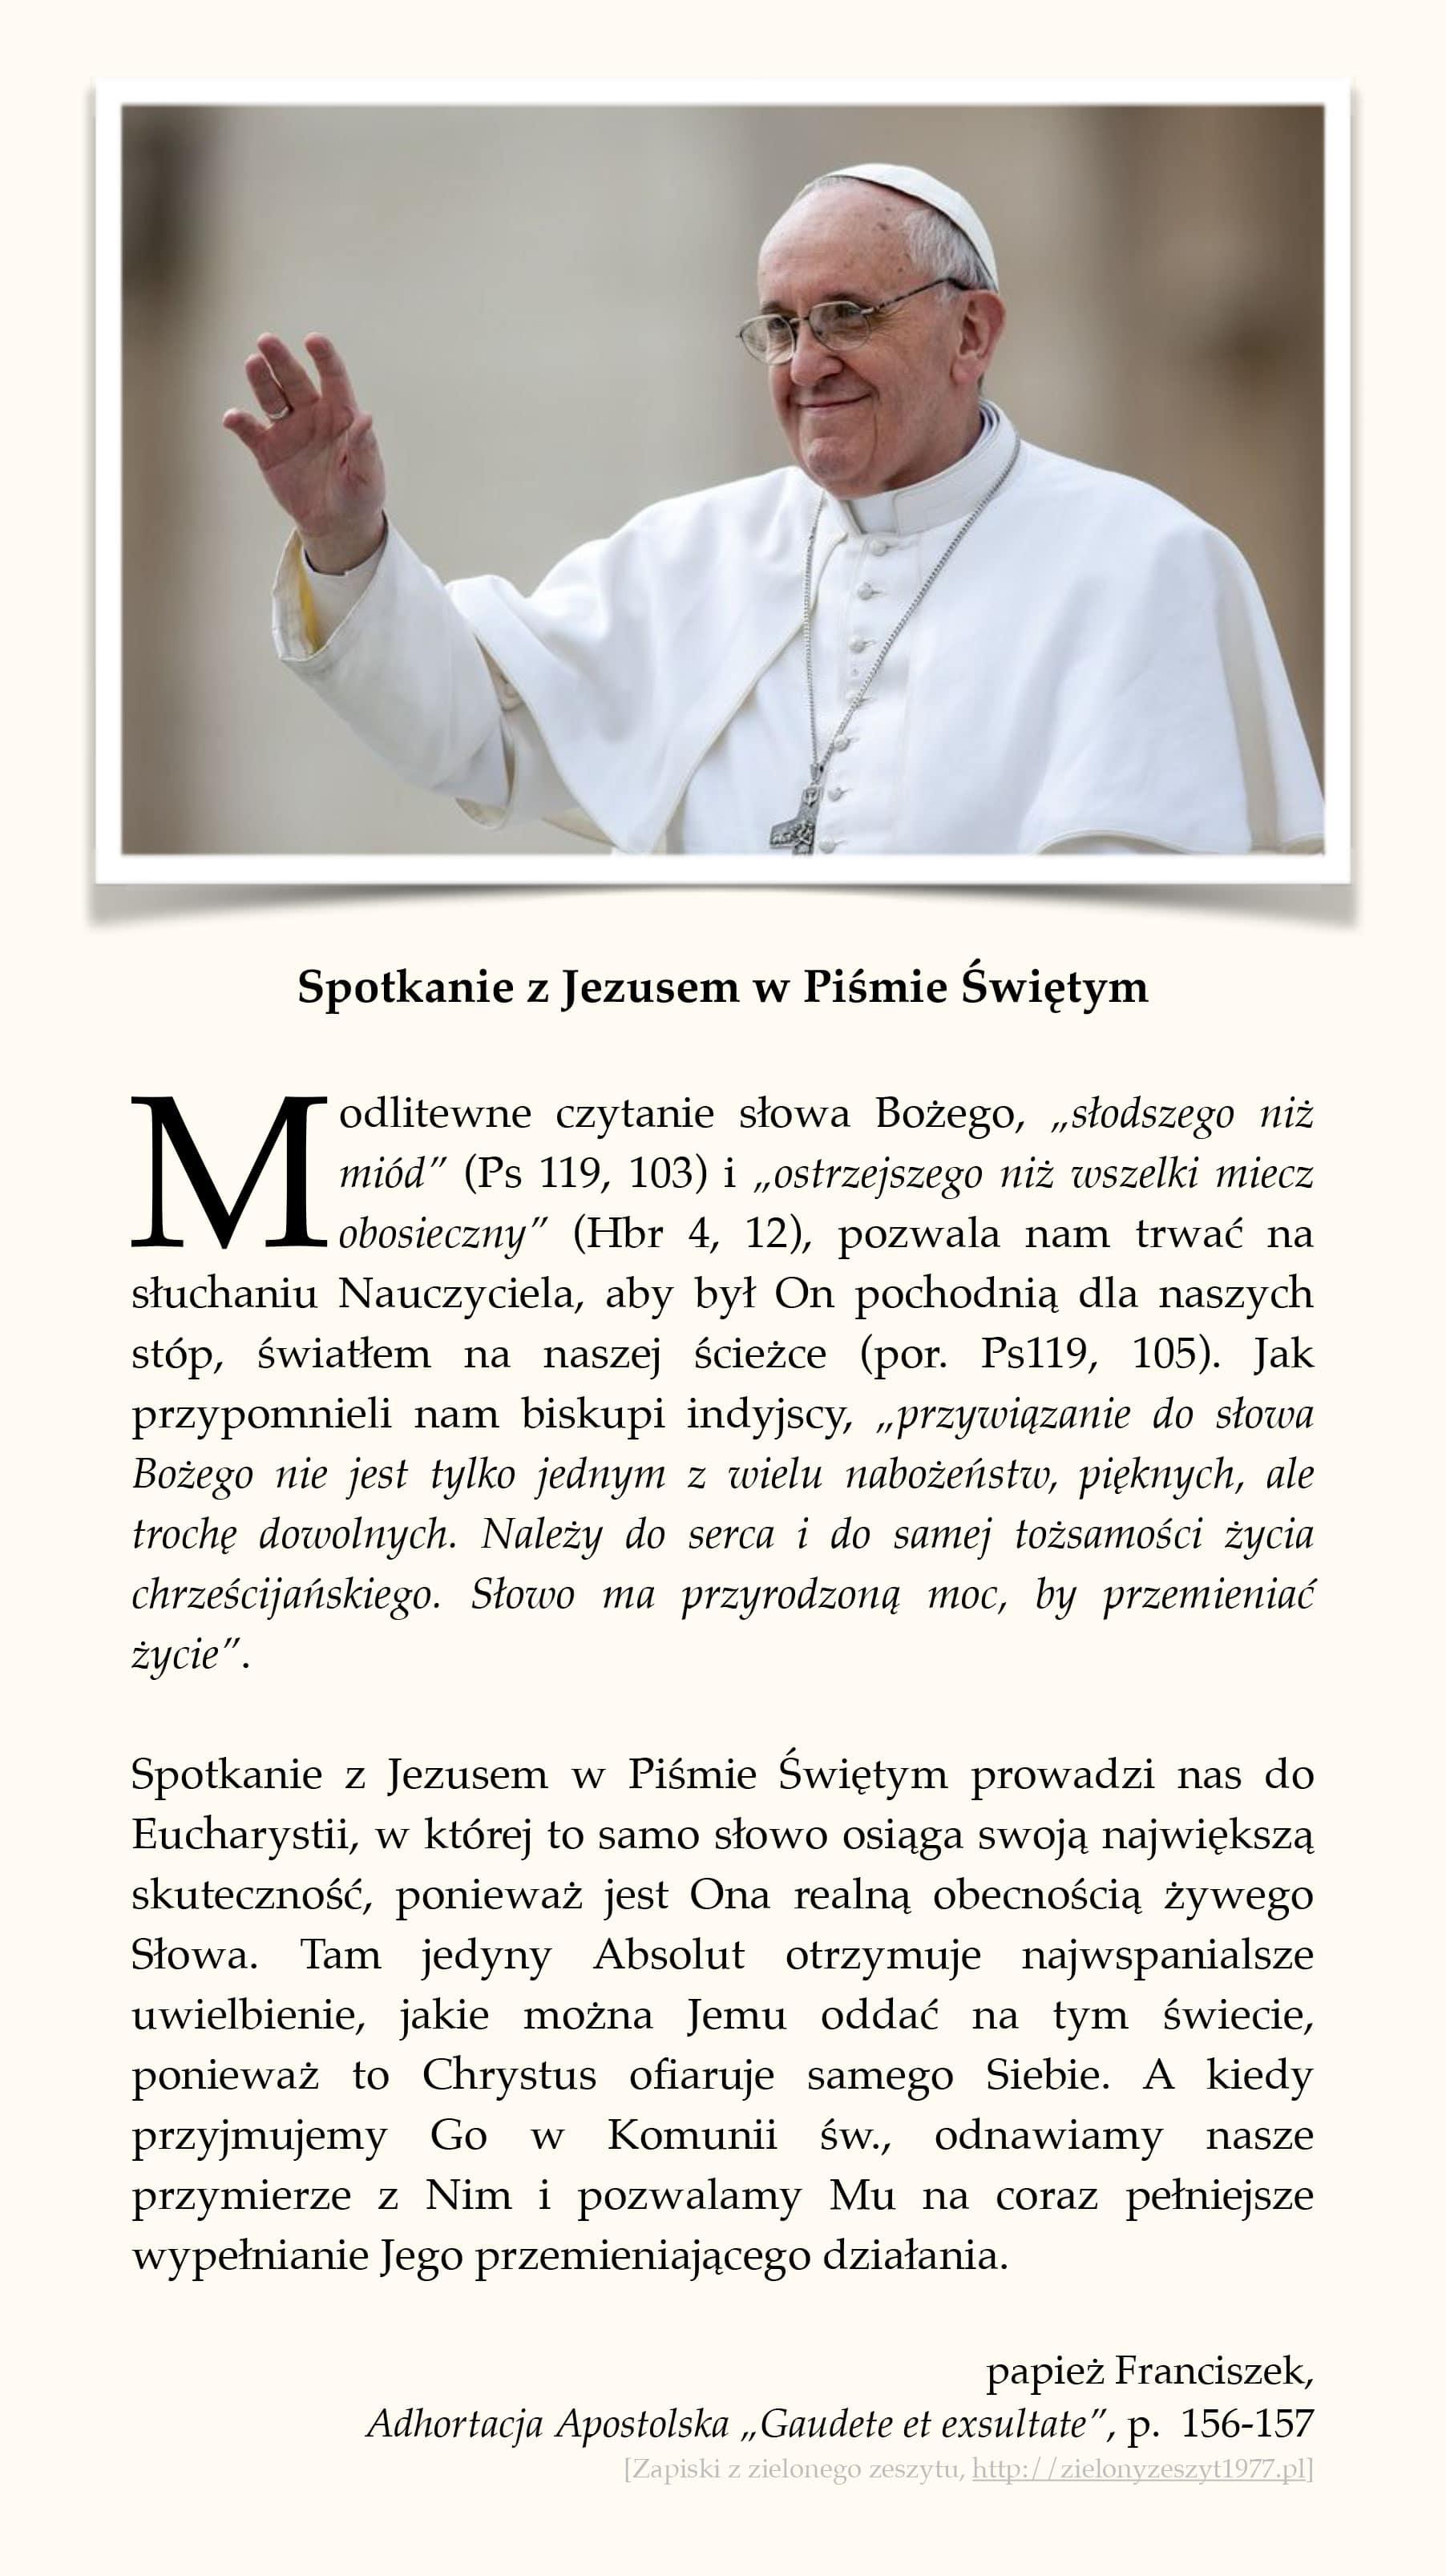 """papież Franciszek, Adhortacja Apostolska """"Gaudete et exsultate"""", p. 156-157 (Spotkanie z Jezusem w Piśmie Świętym)"""